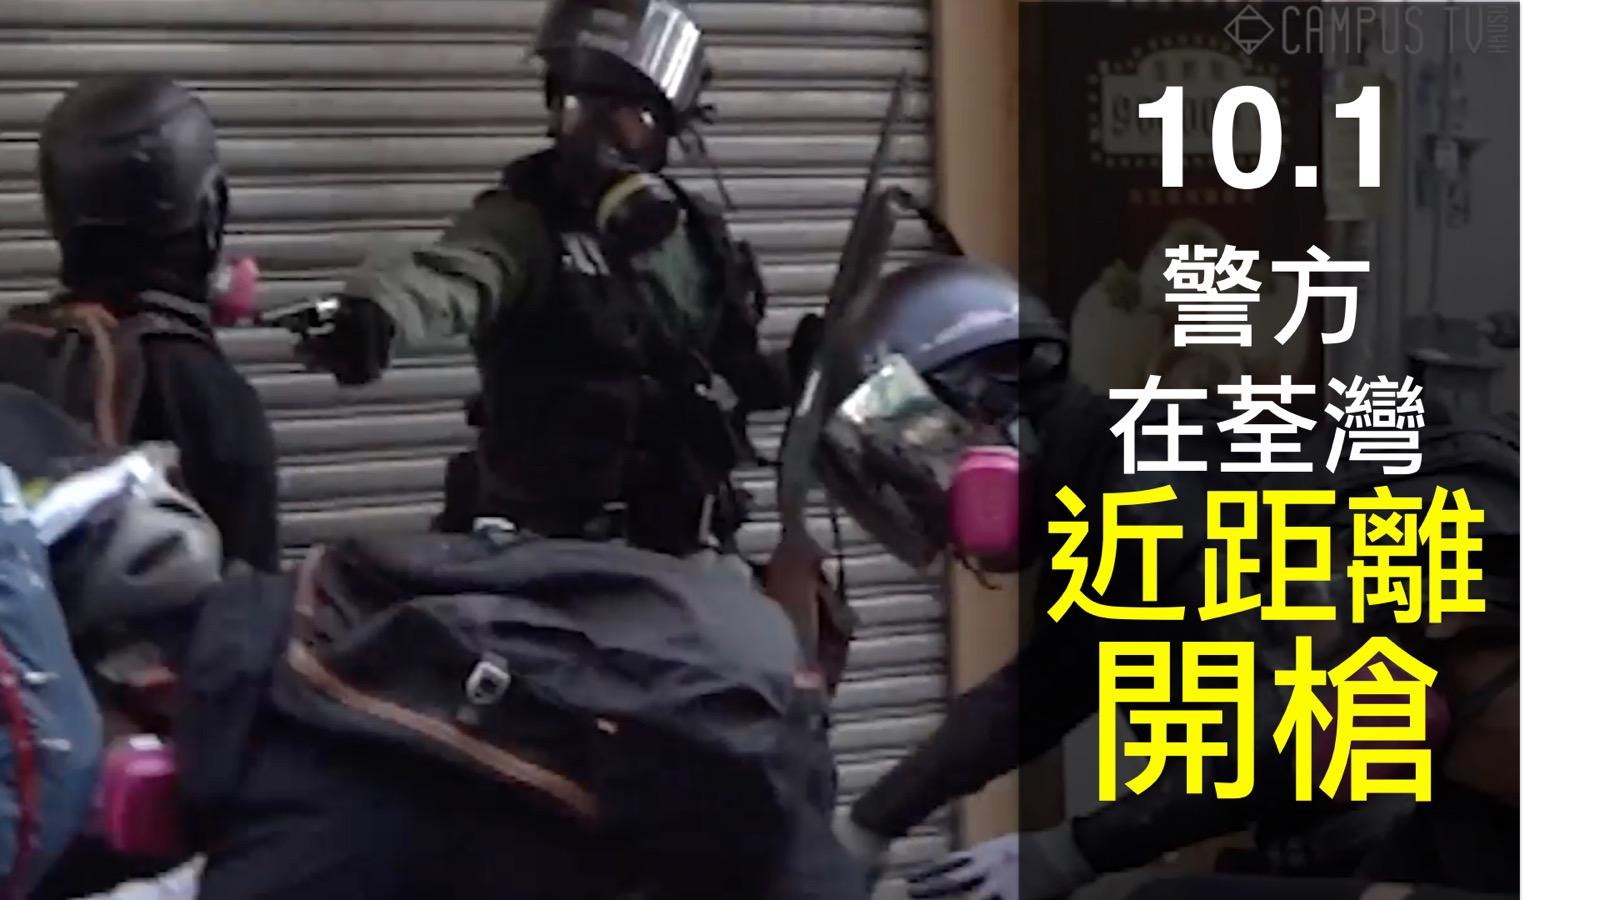 200名消防與救護員對警員實彈射擊中學生並拒絕即時施以救援,表示極度憤慨,連署聲明譴責警方濫用暴力、任意拘捕。(大紀元)